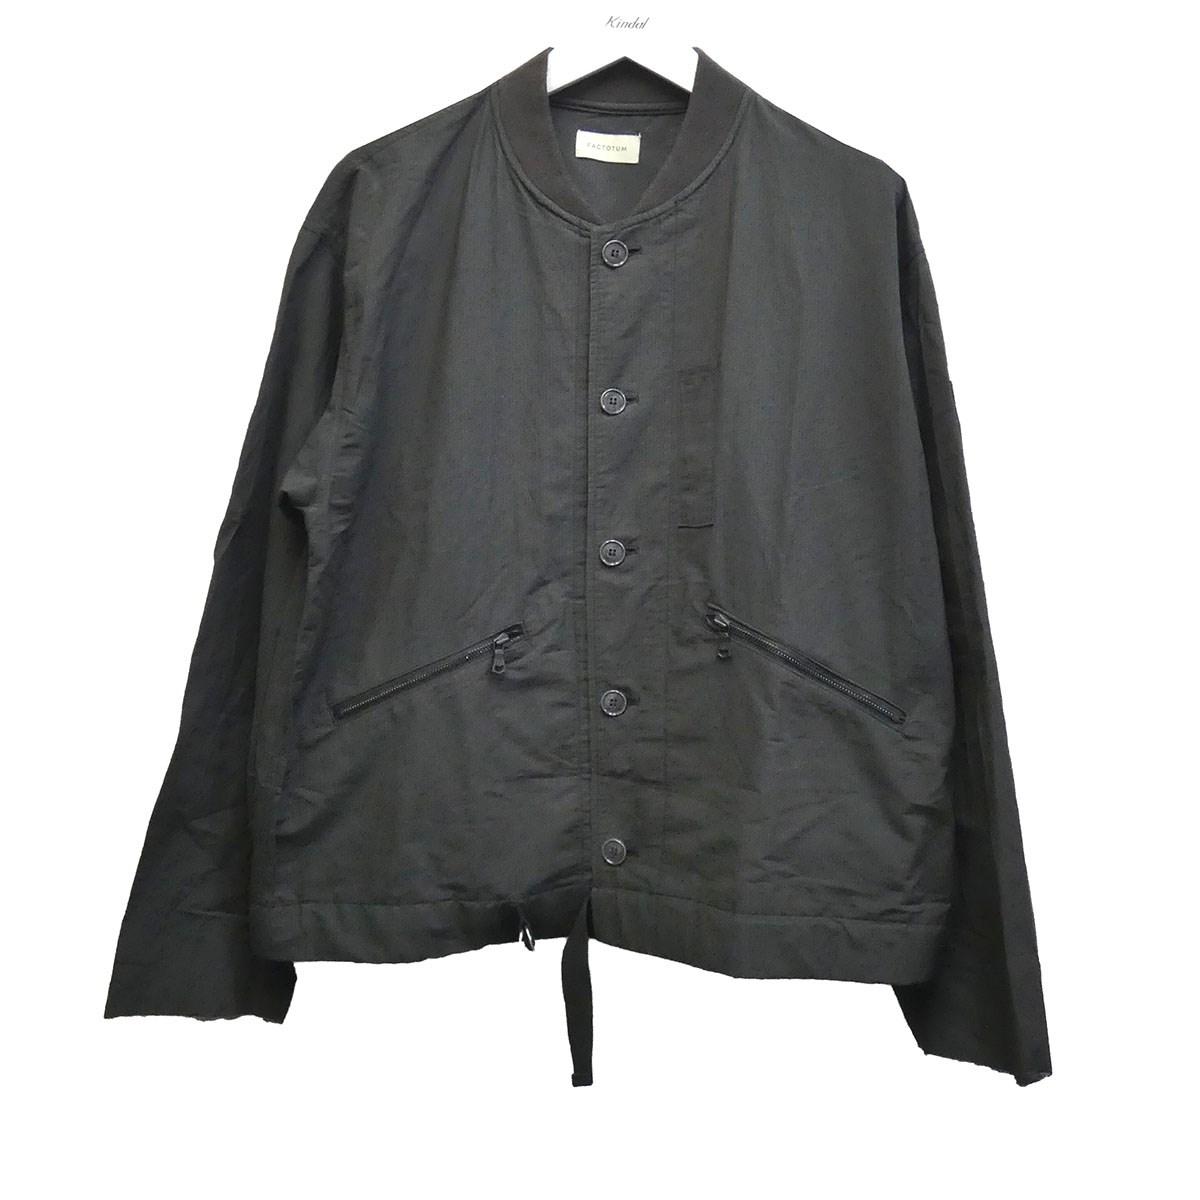 【中古】FACTOTUM リップストップブリティッシュRAFコンバットジャケット ブラック サイズ:46 【200620】(ファクトタム)